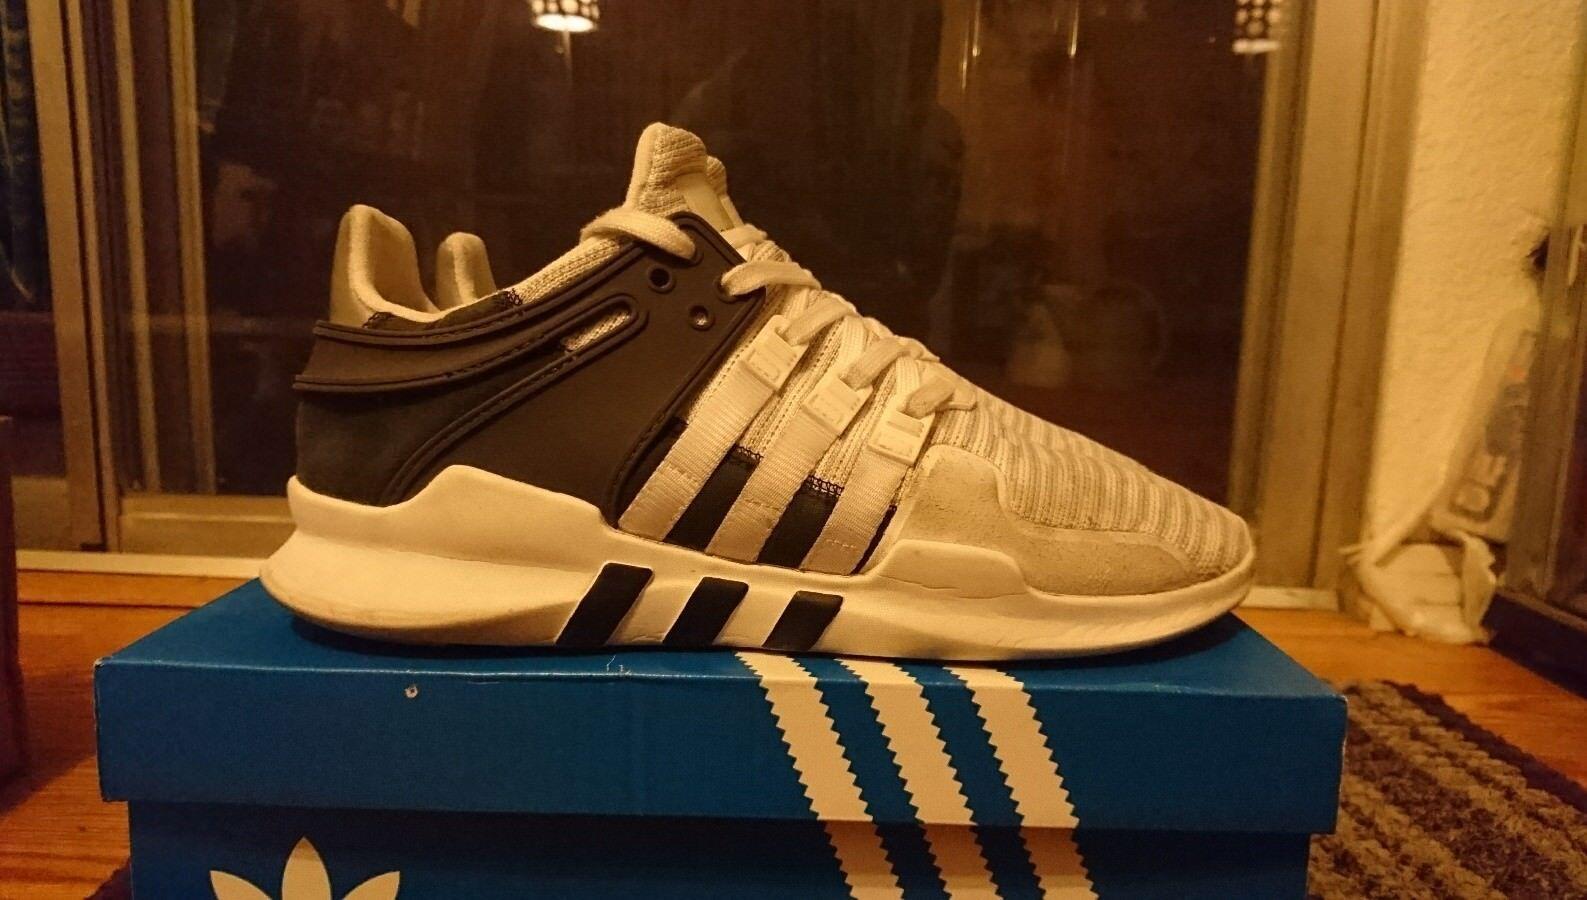 Adidas originale eqt avanzata bianco 9 nero grigio bb1296 sz 9 bianco sostegno fc04b4